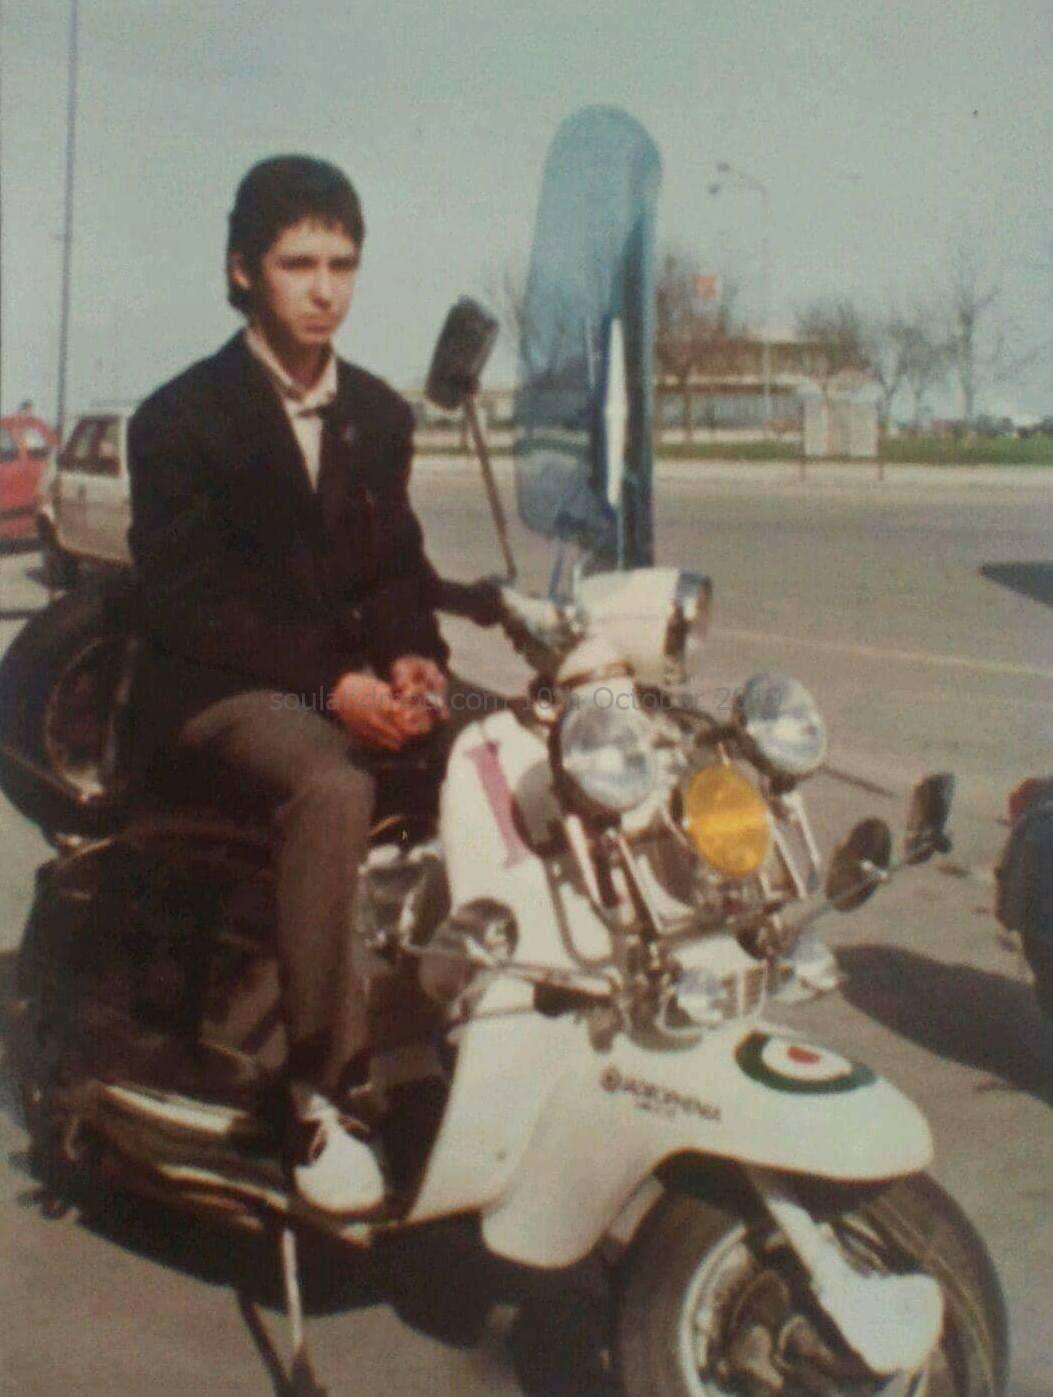 Andrea Mattioni - Rimini Mod - Italian Mod 1983